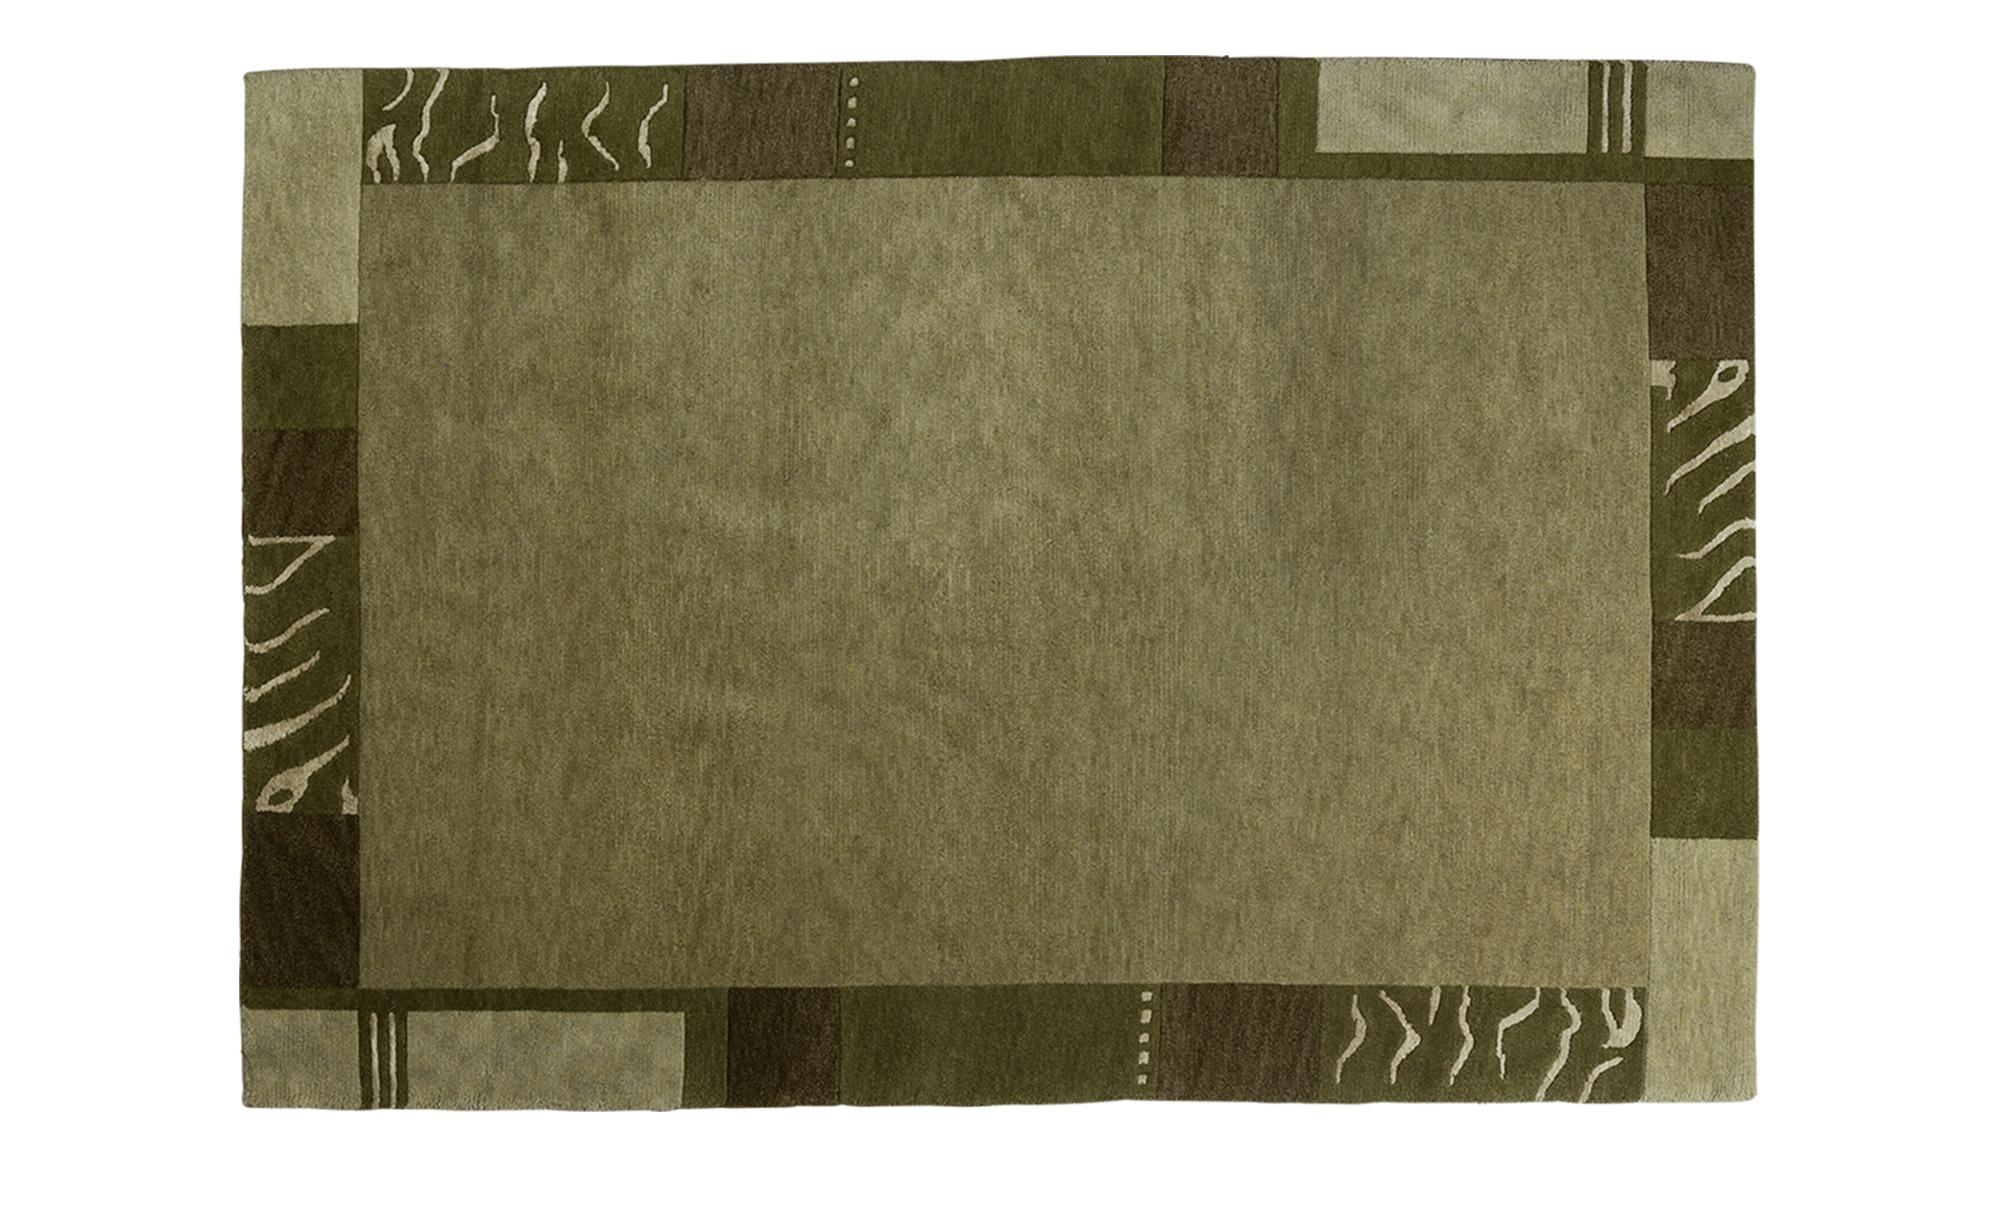 nepal teppich kanpur breite 70 cm h he gr n online kaufen bei woonio. Black Bedroom Furniture Sets. Home Design Ideas